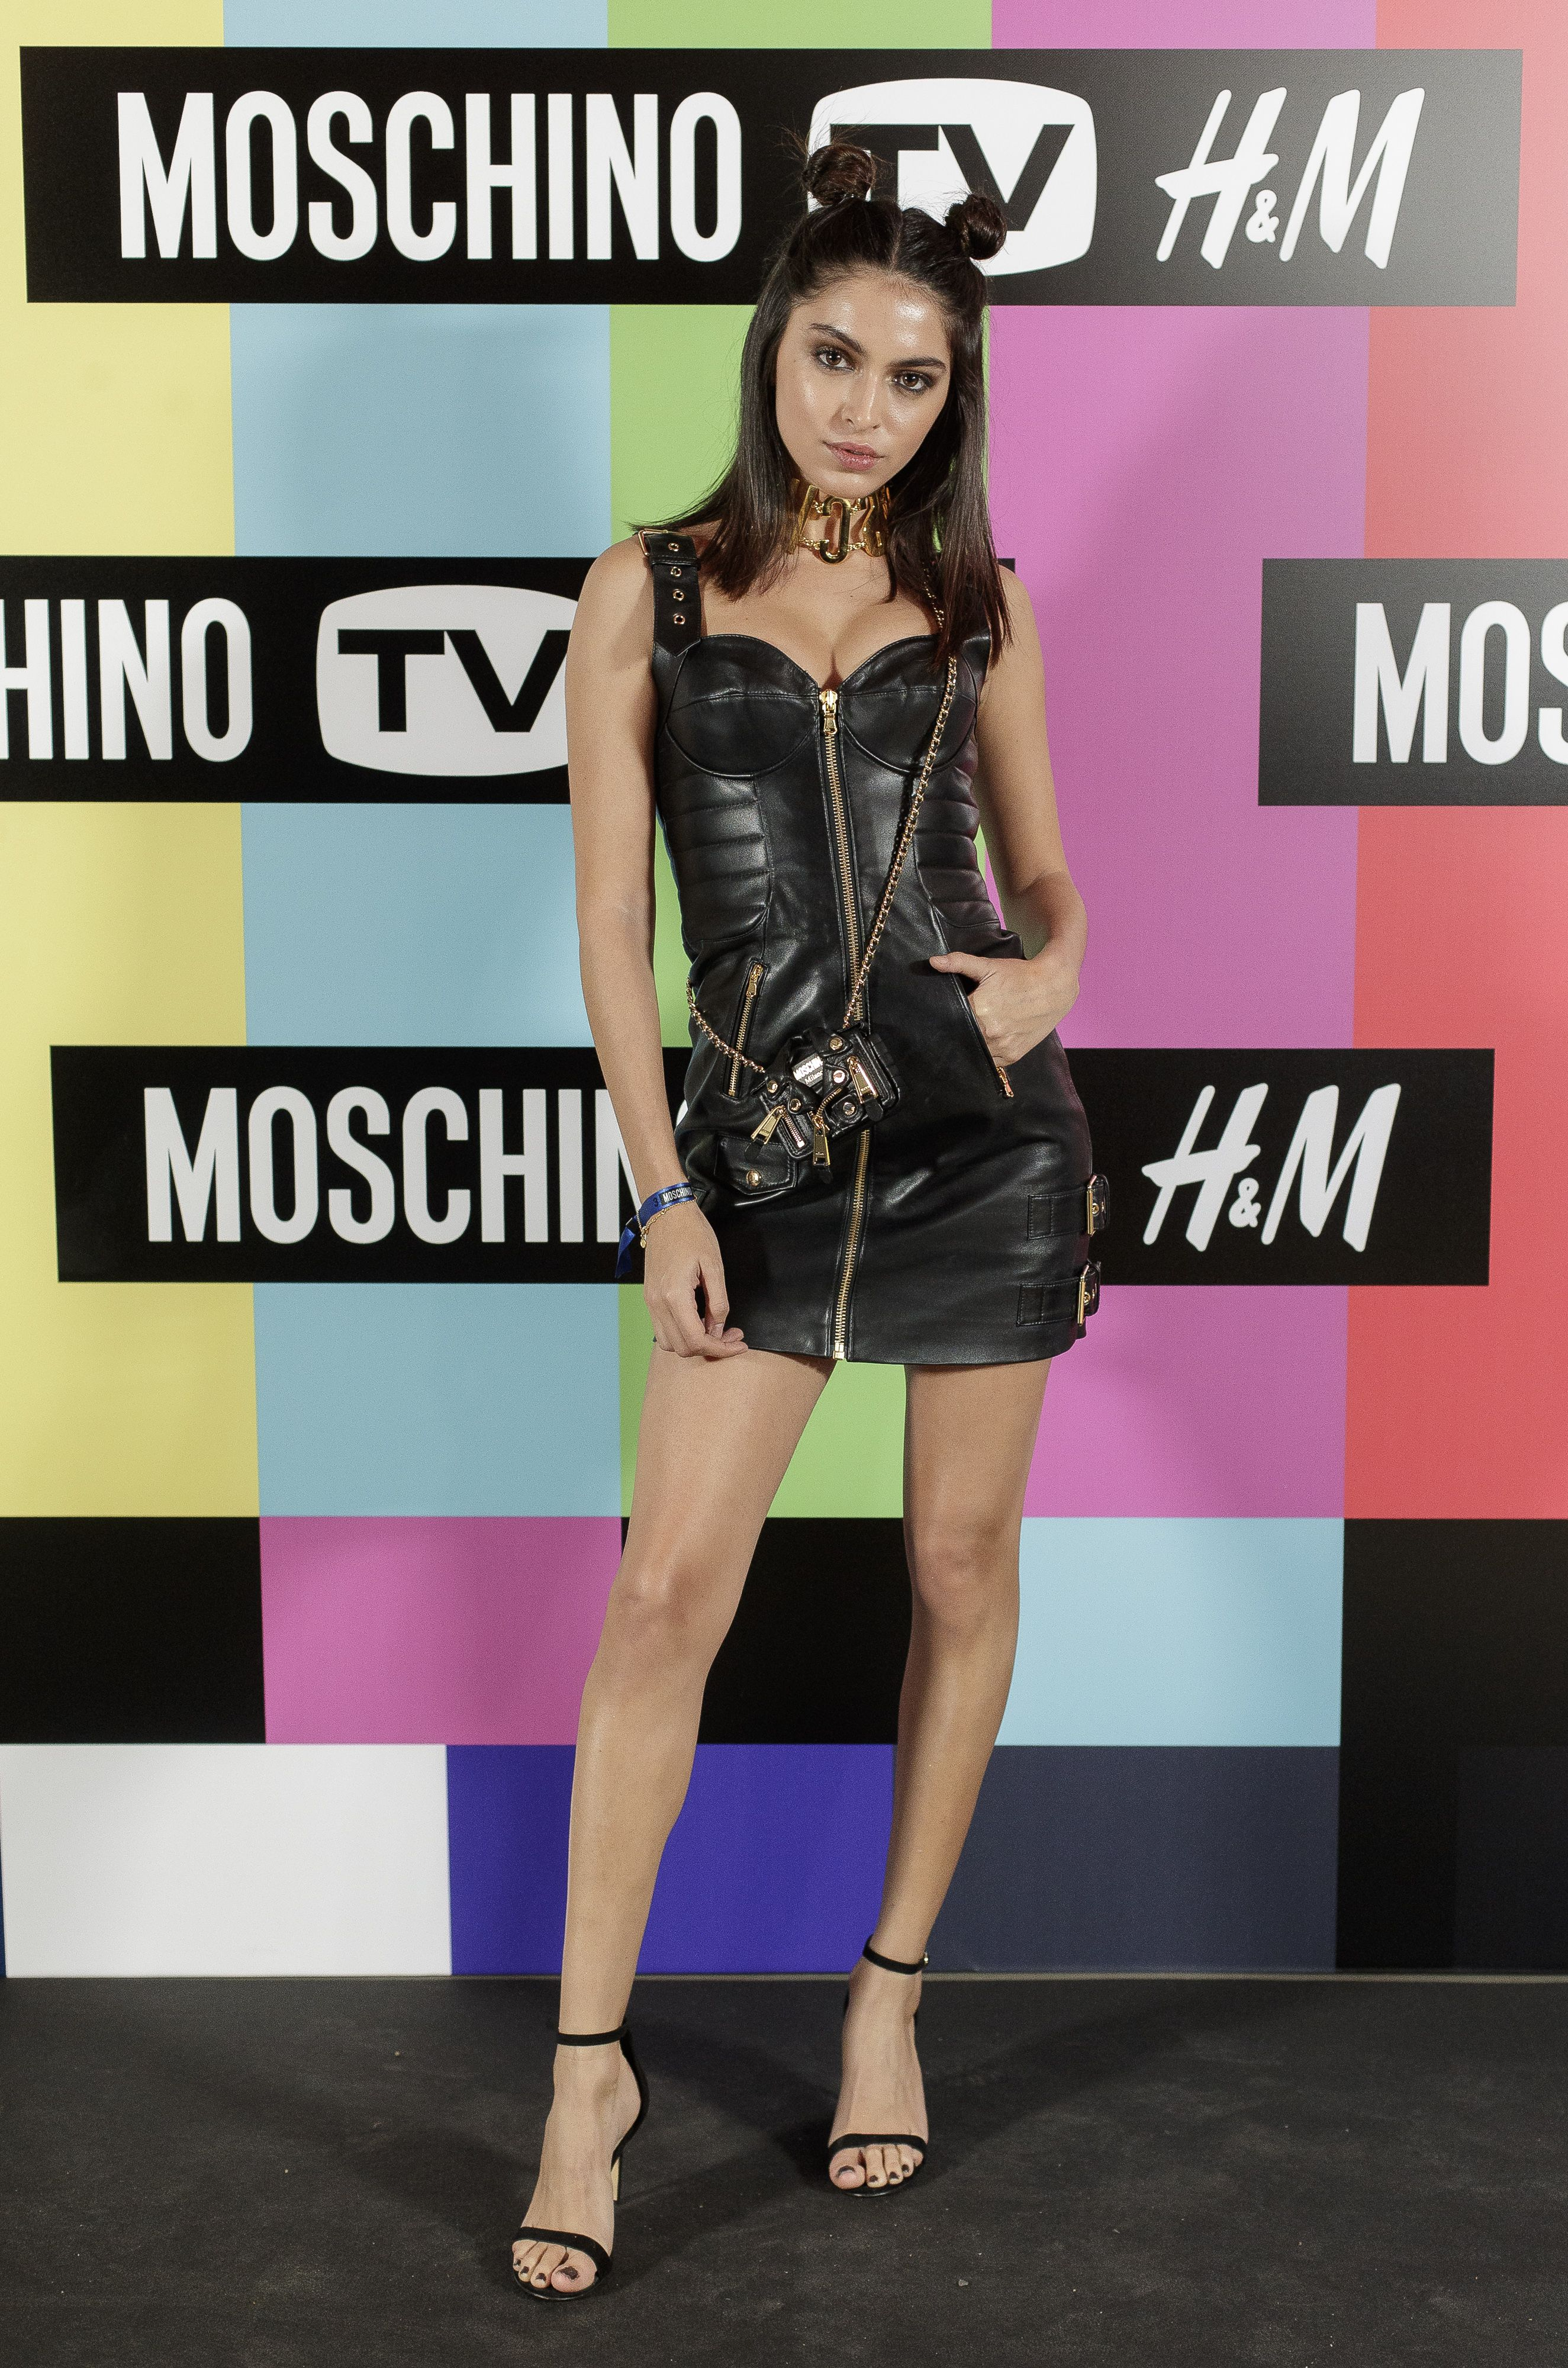 H&M Moschino (TV)